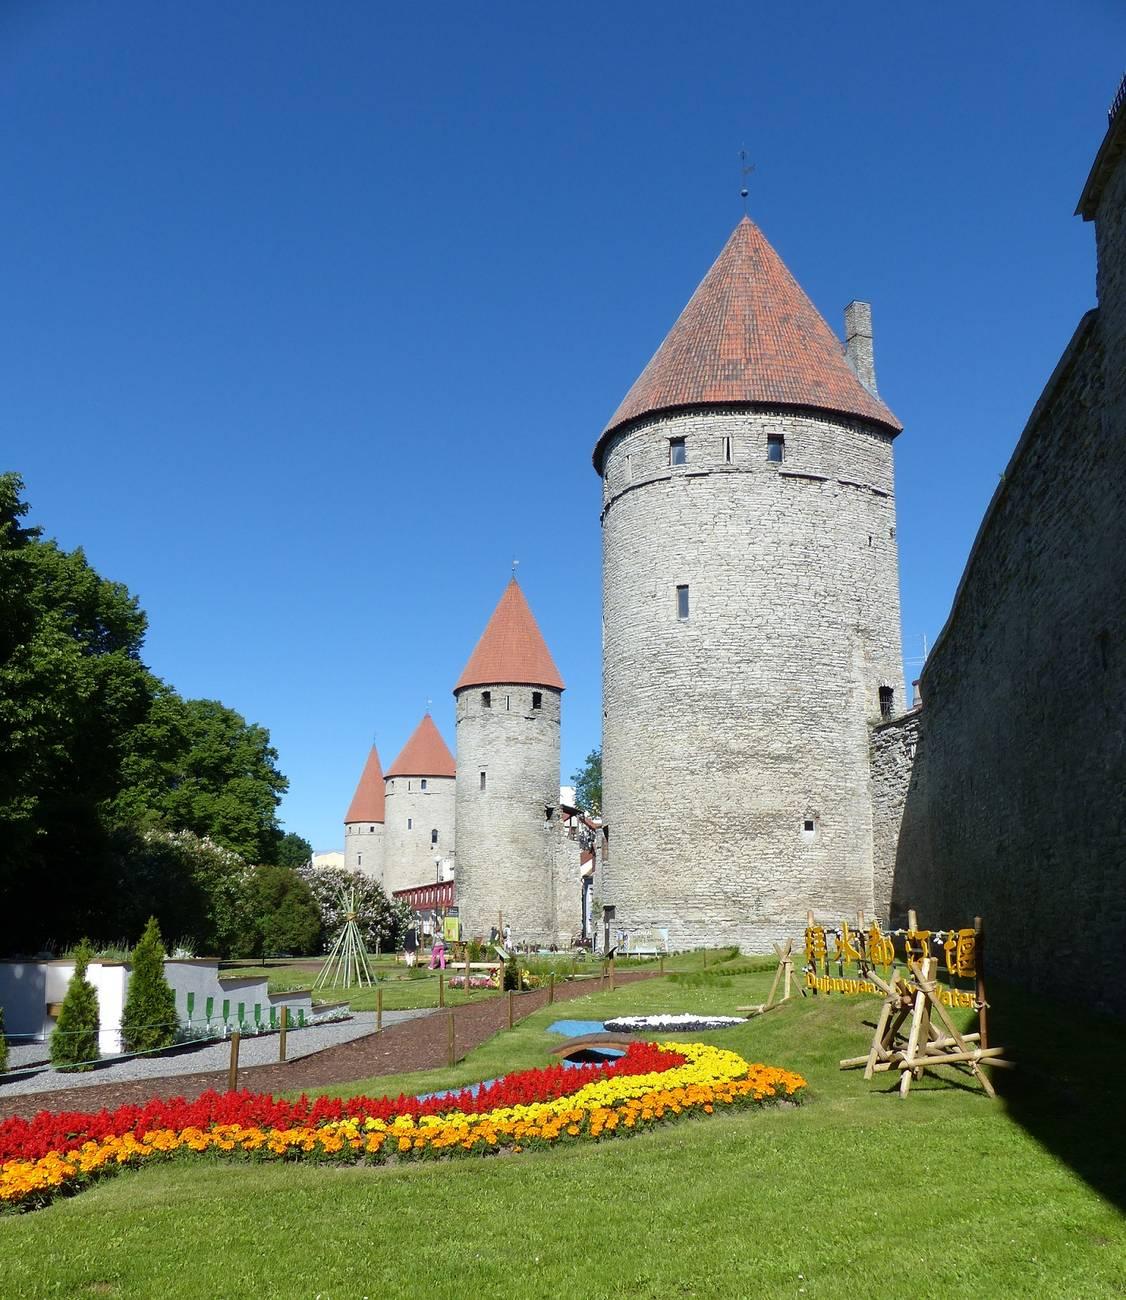 Town Wall in Tallinn, Estonia